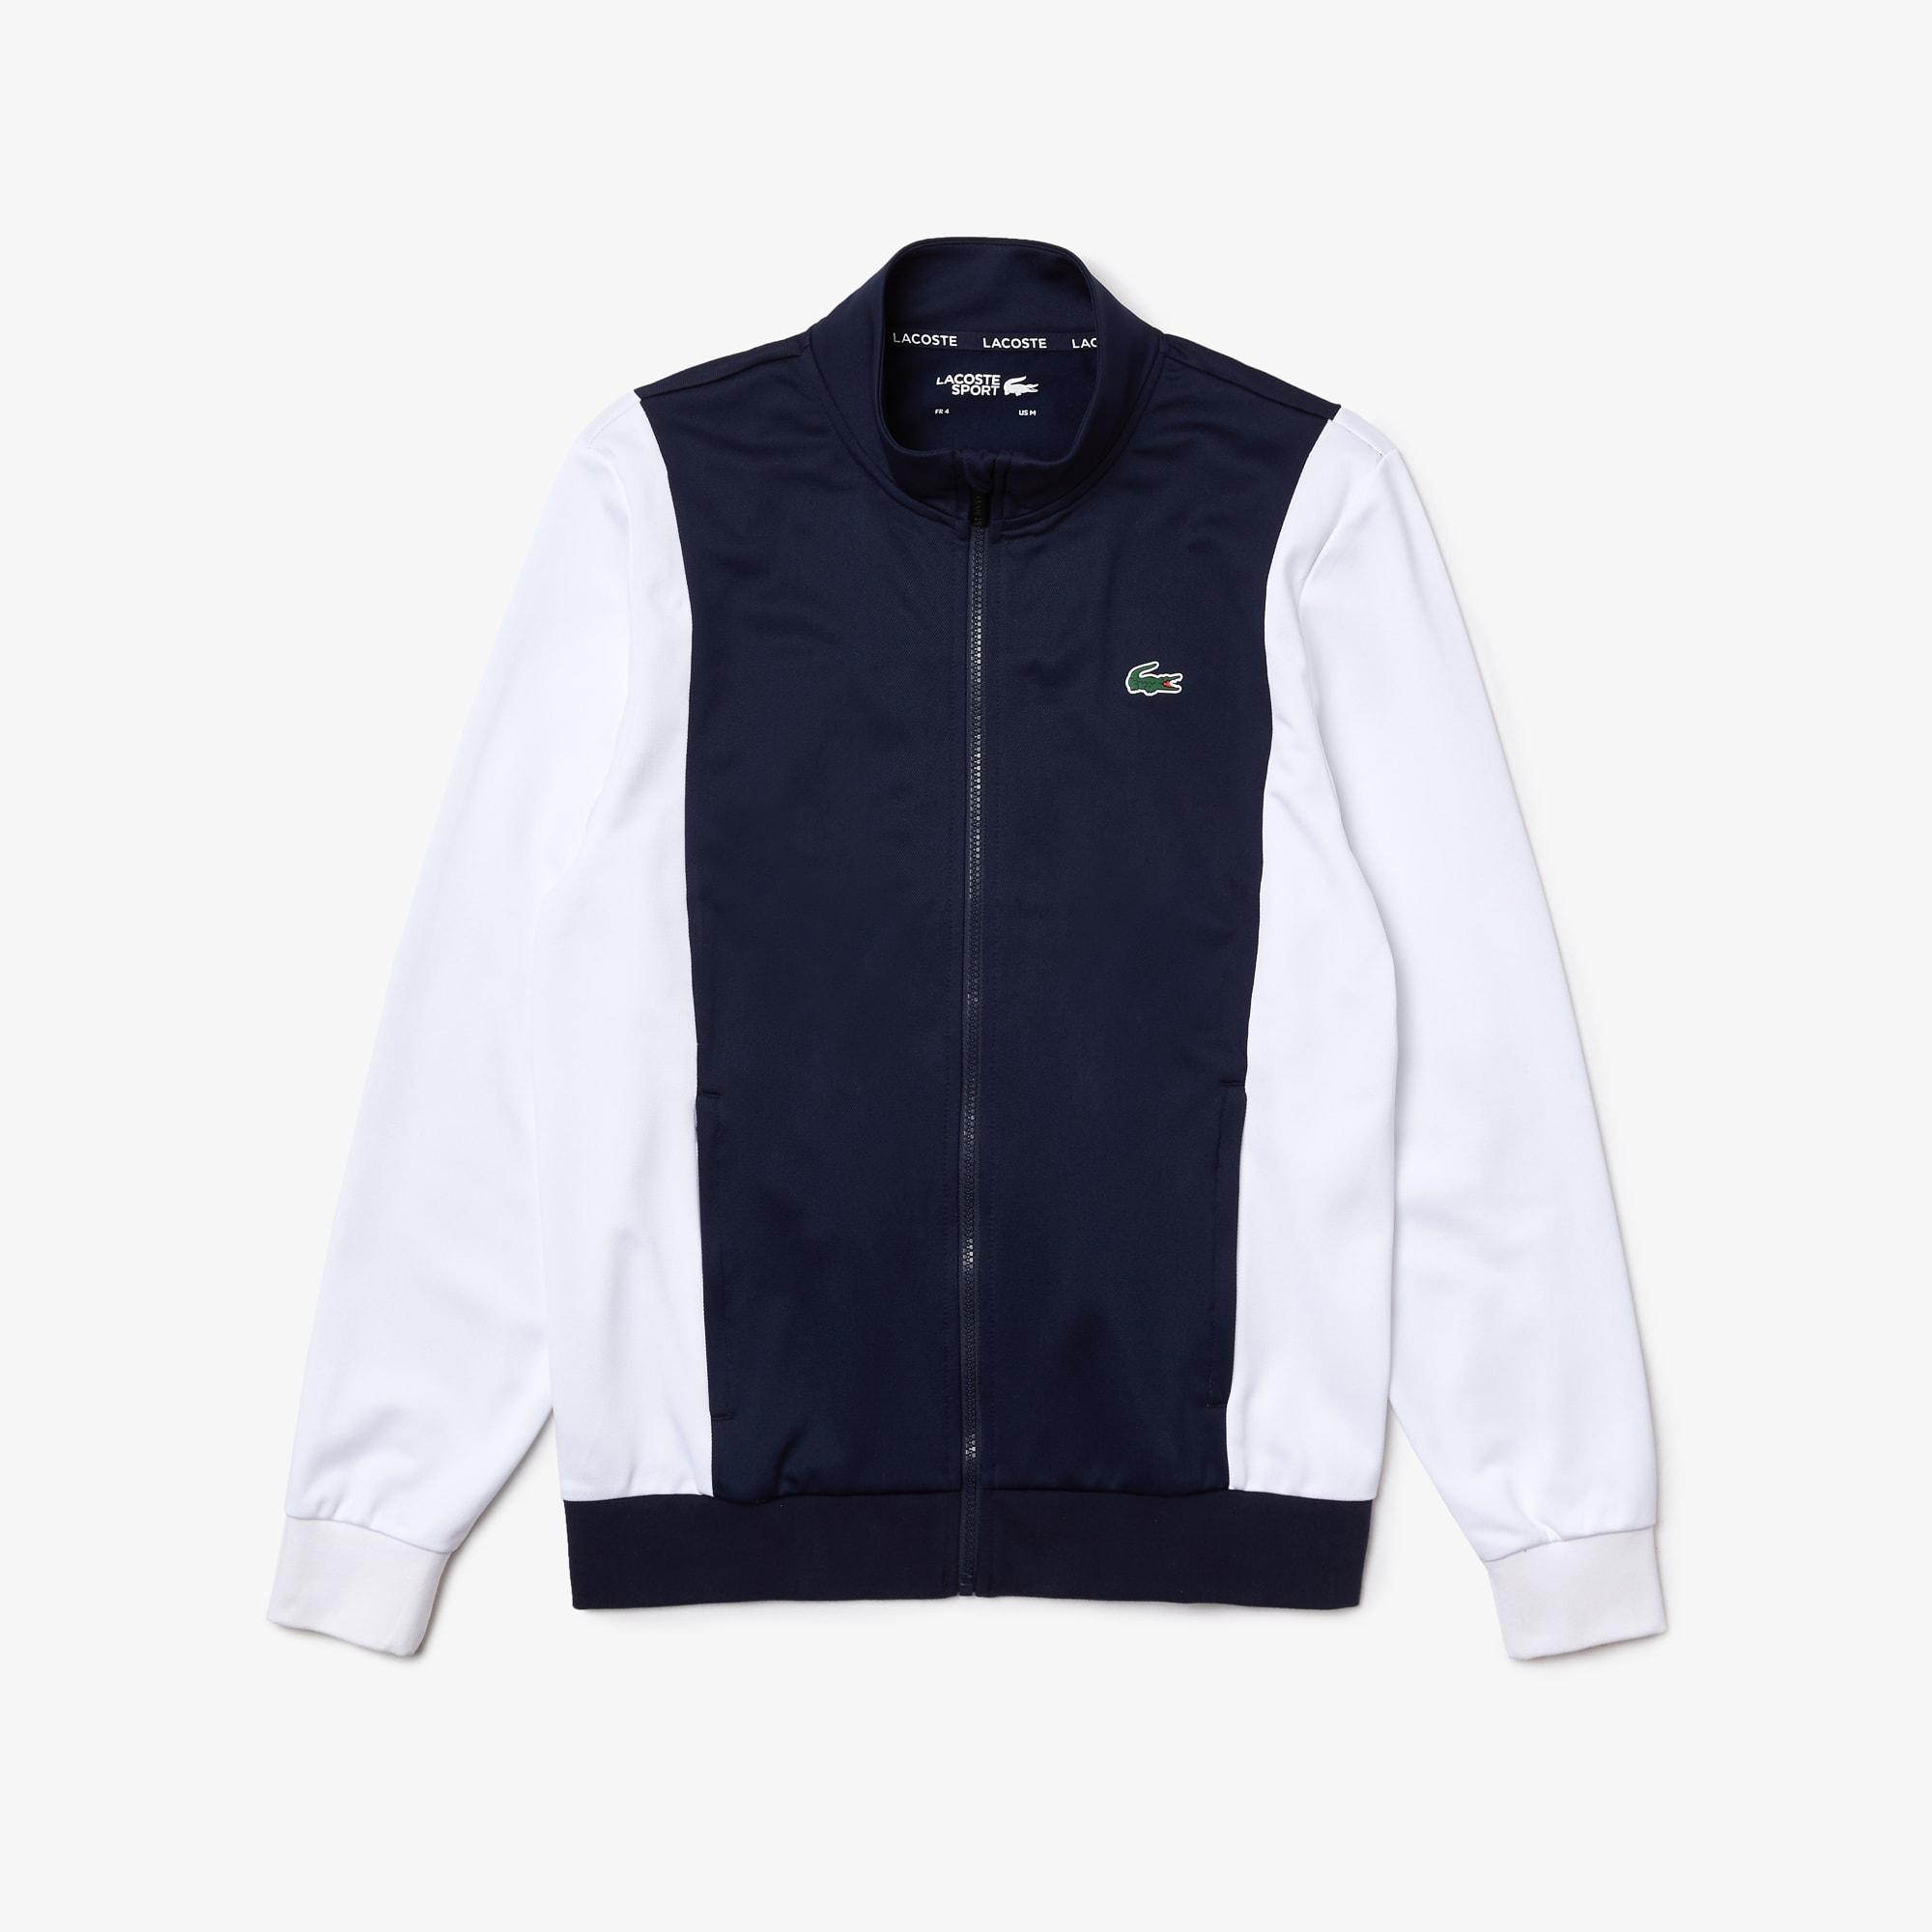 라코스테 맨 스포츠 맨투맨 Lacoste Men's SPORT Resistant Bicolor Pique Zip Sweatshirt